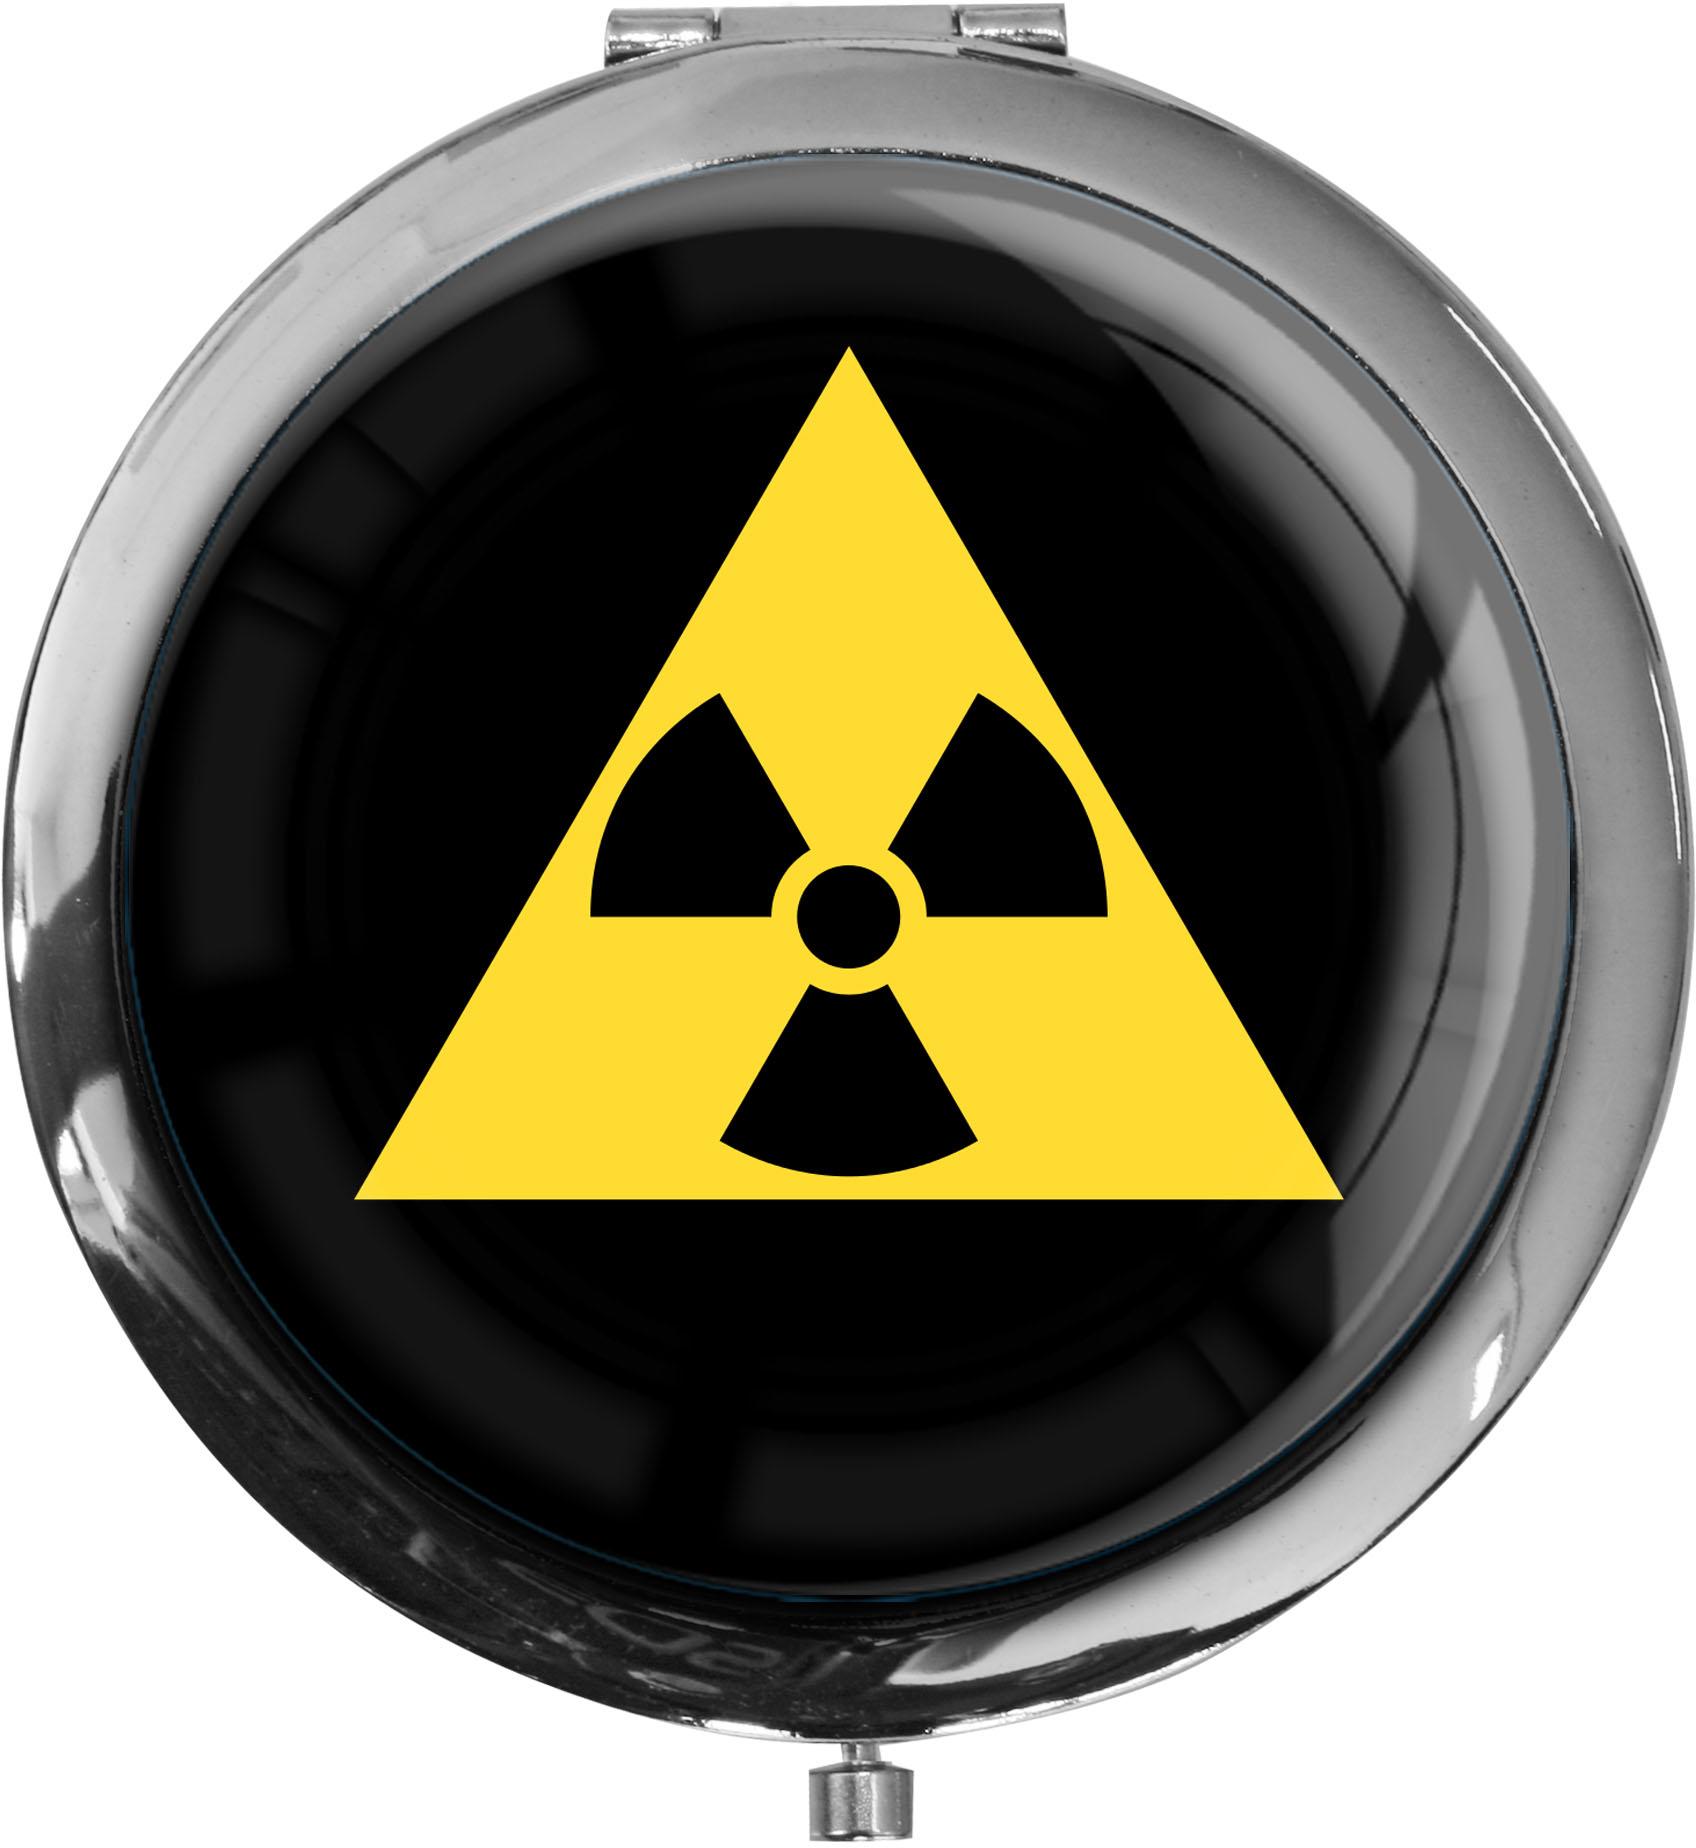 Taschenspiegel / Spiegel / Radioactive